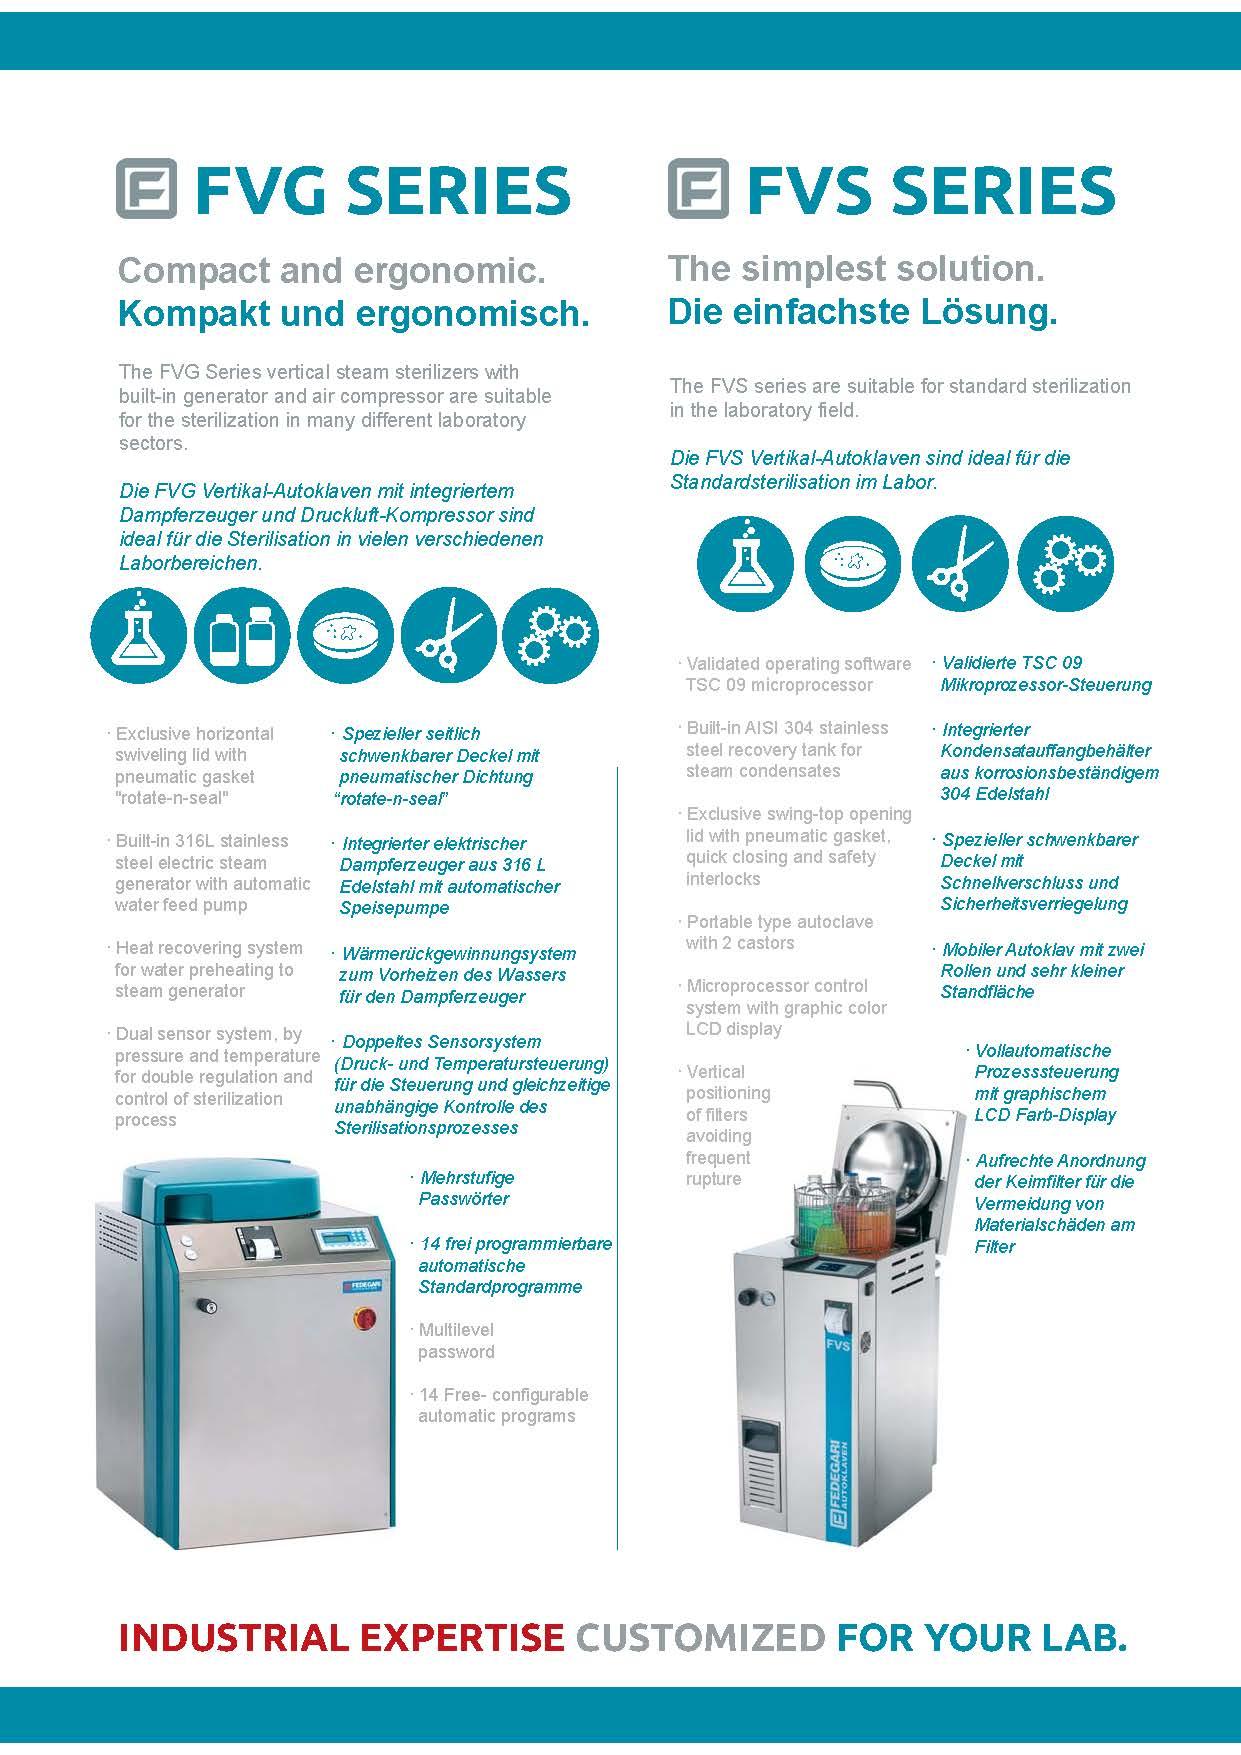 FVG-FVS Vertikaler Labor-Autoklav DE EN